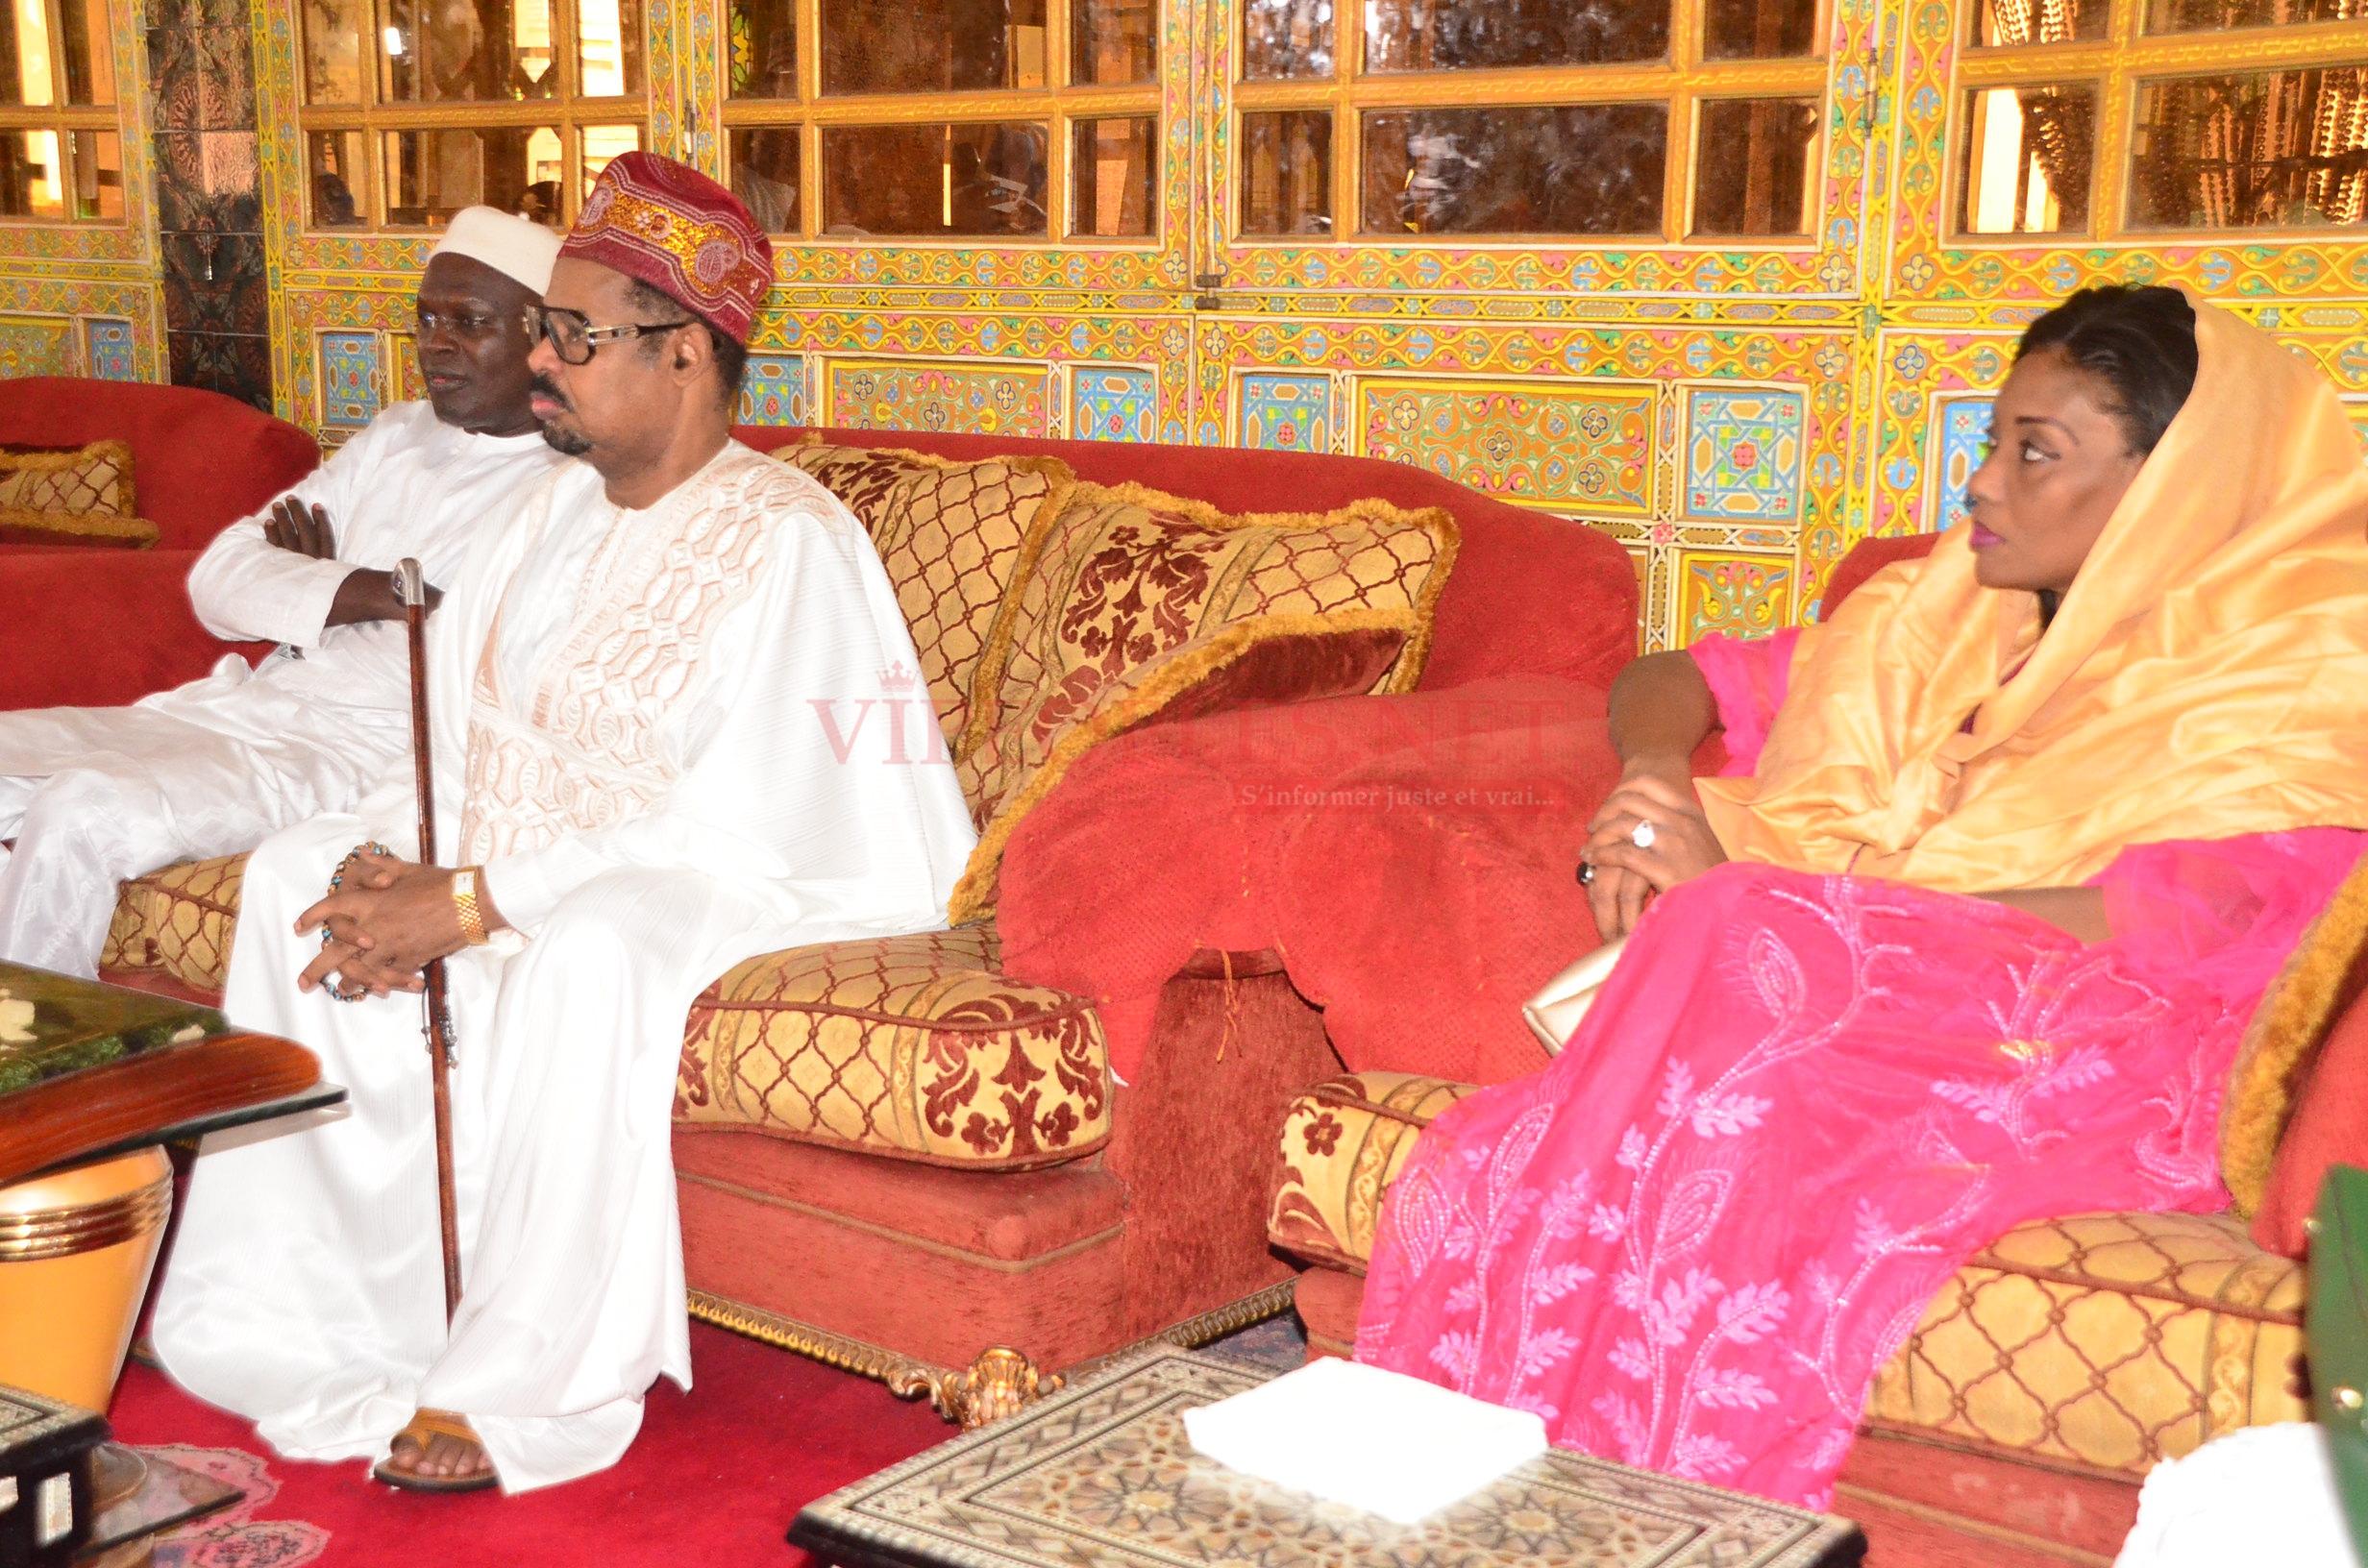 Sokhna Oumou Sy Dabakh,nouvelle femme d'Ahmed Khalifa accueille chaleureusement Khalifa Sall dans son palais